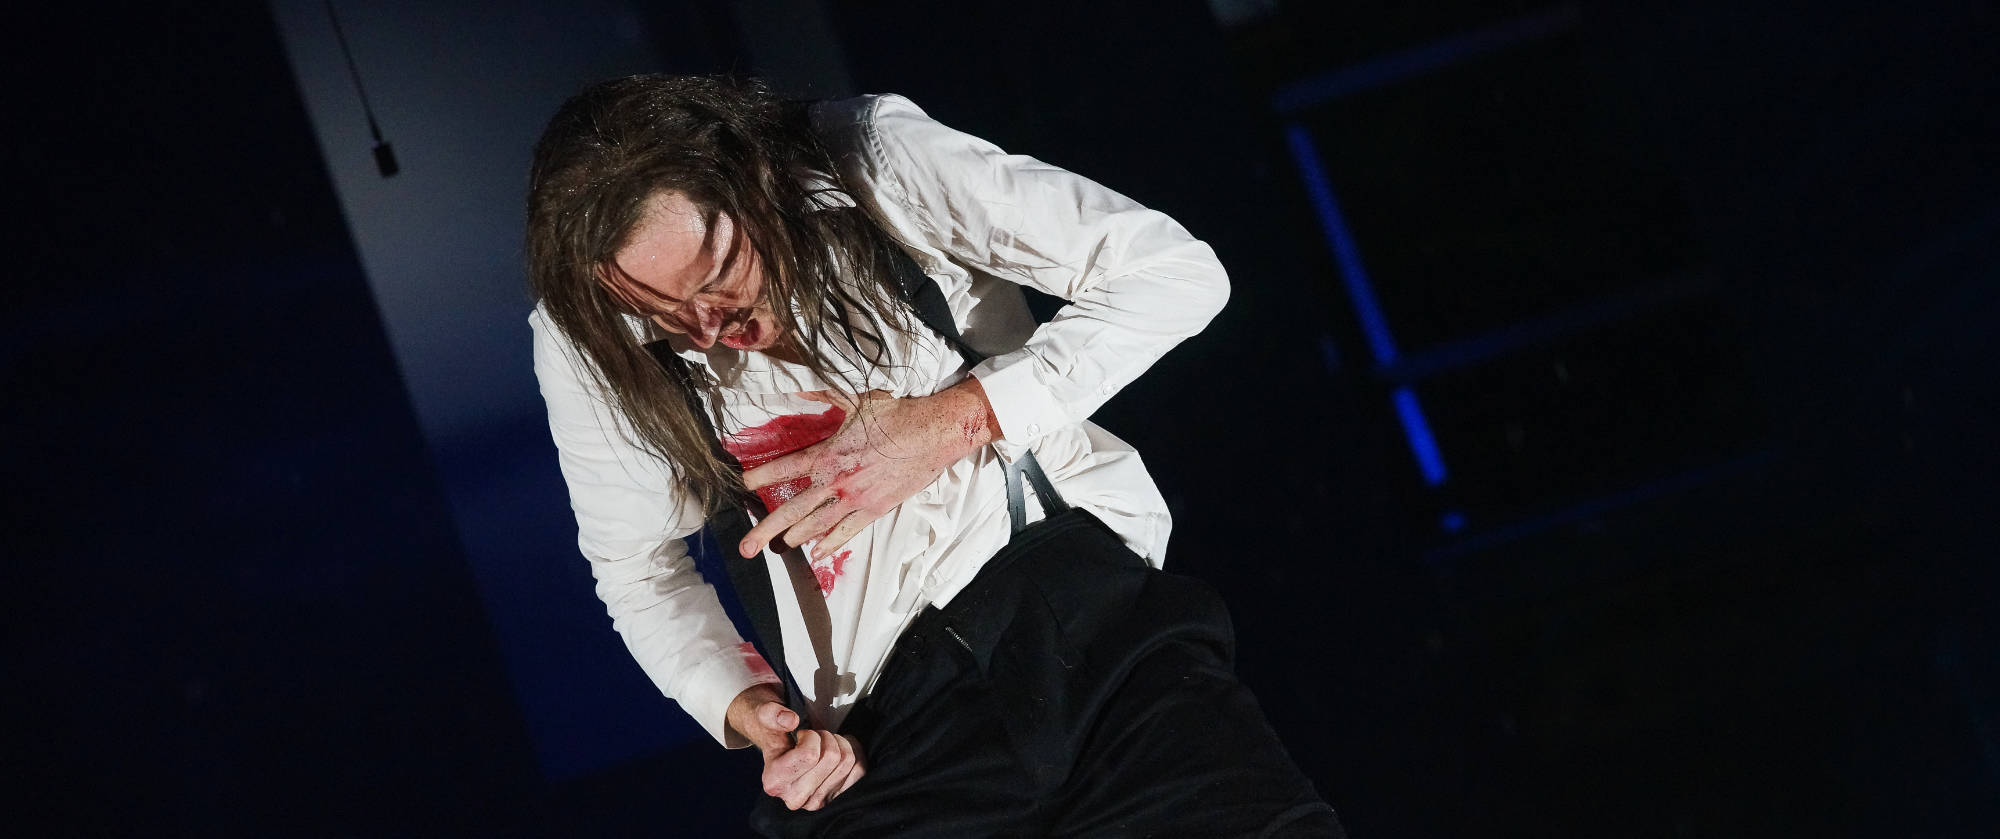 004-DIE-ELENDEN-nach-Victor-Hugo-Les-Miserables-von-Malte-Kreutzfeldt-Regie-c-photo-Olaf-Struck-Theater-Schauspielhaus-Kiel-2019